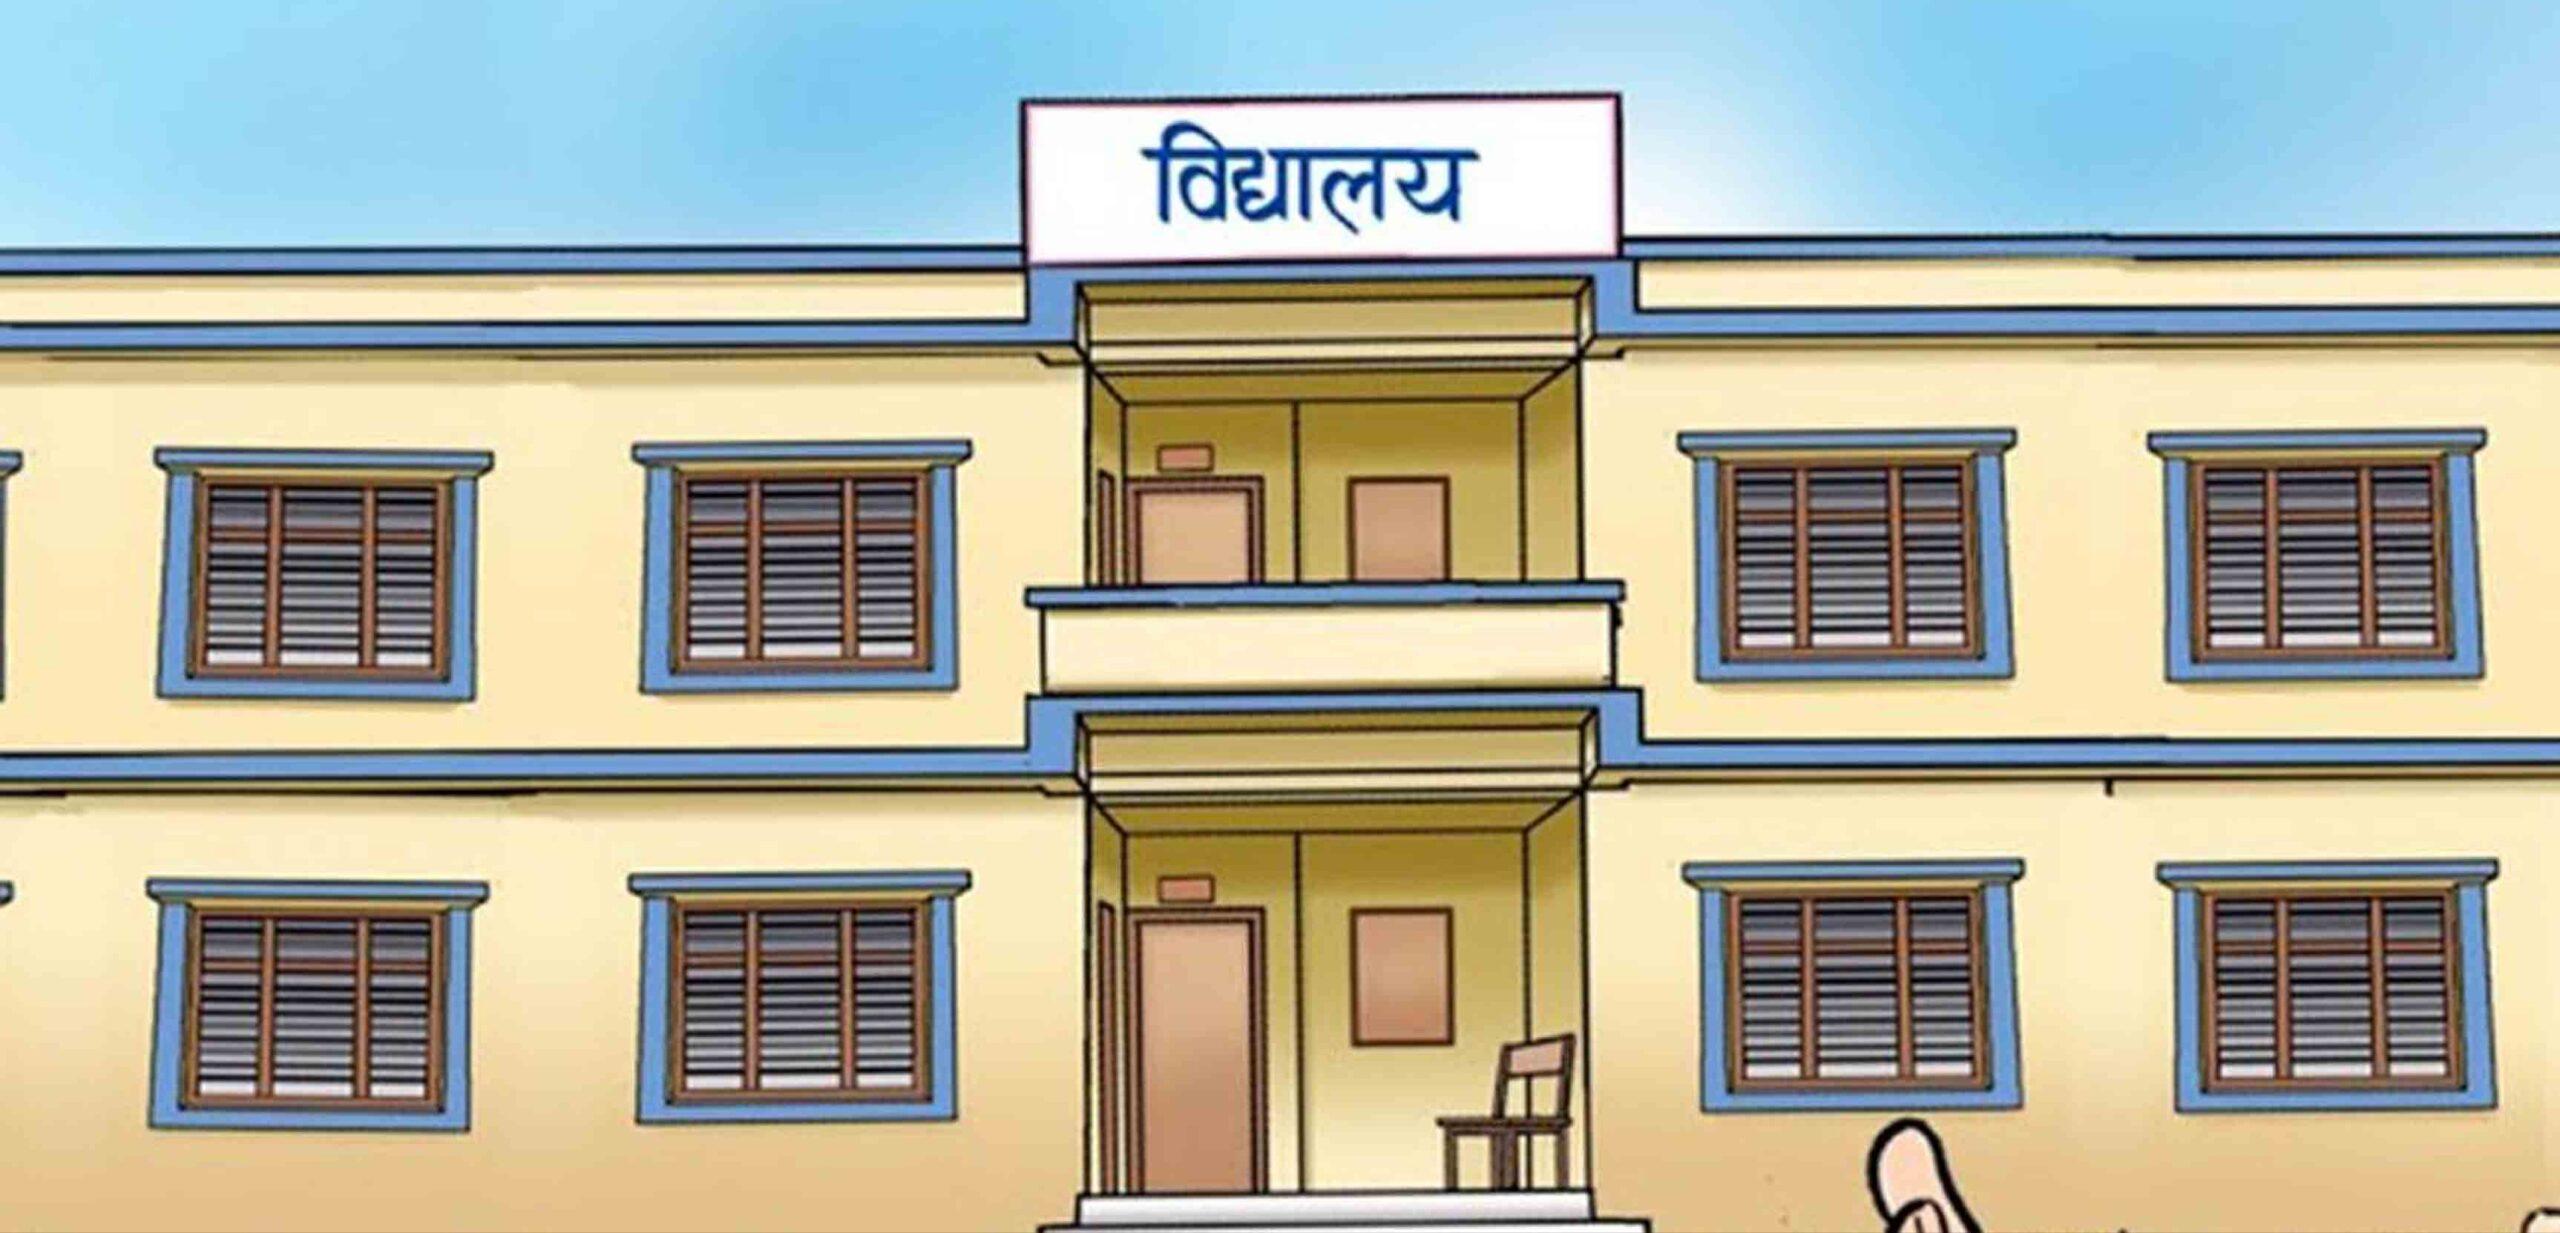 आजदेखि नेपालगन्जसहित २५ सहरका शिक्षण संस्था बन्द